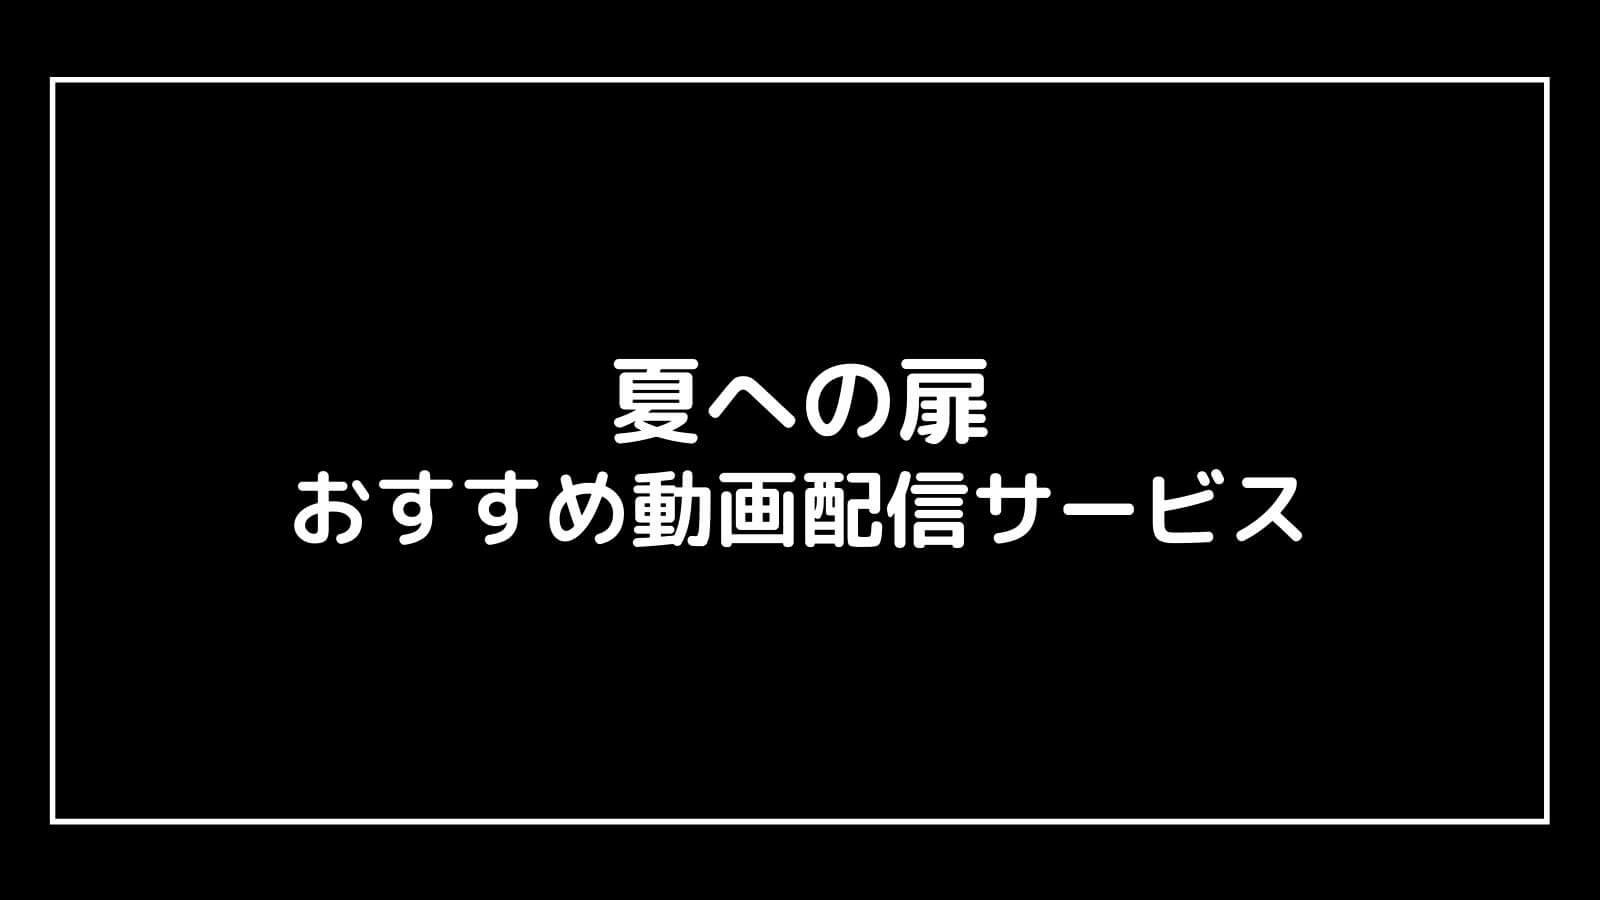 映画『夏への扉』の無料動画をフル視聴できるおすすめ配信サービス